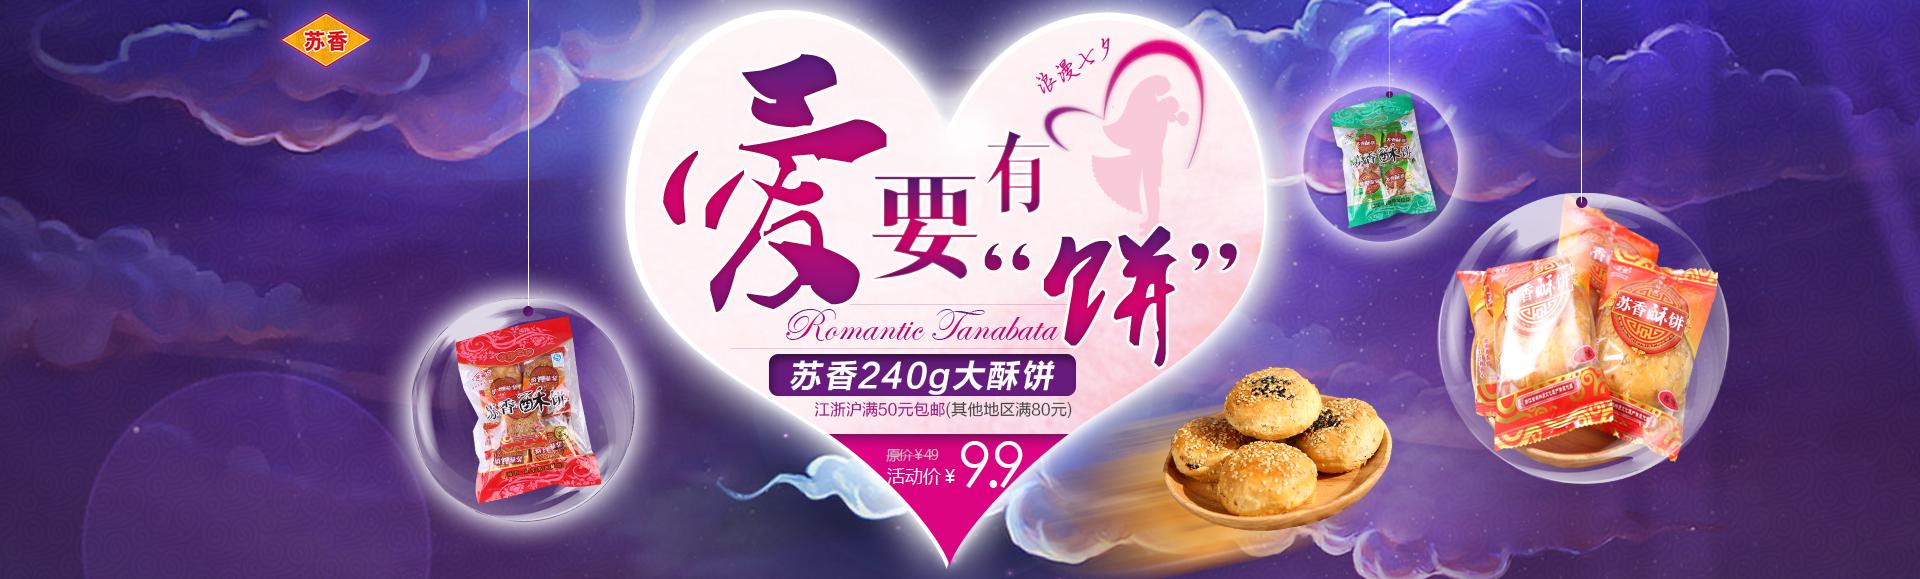 苏香米折网banner(食品类)